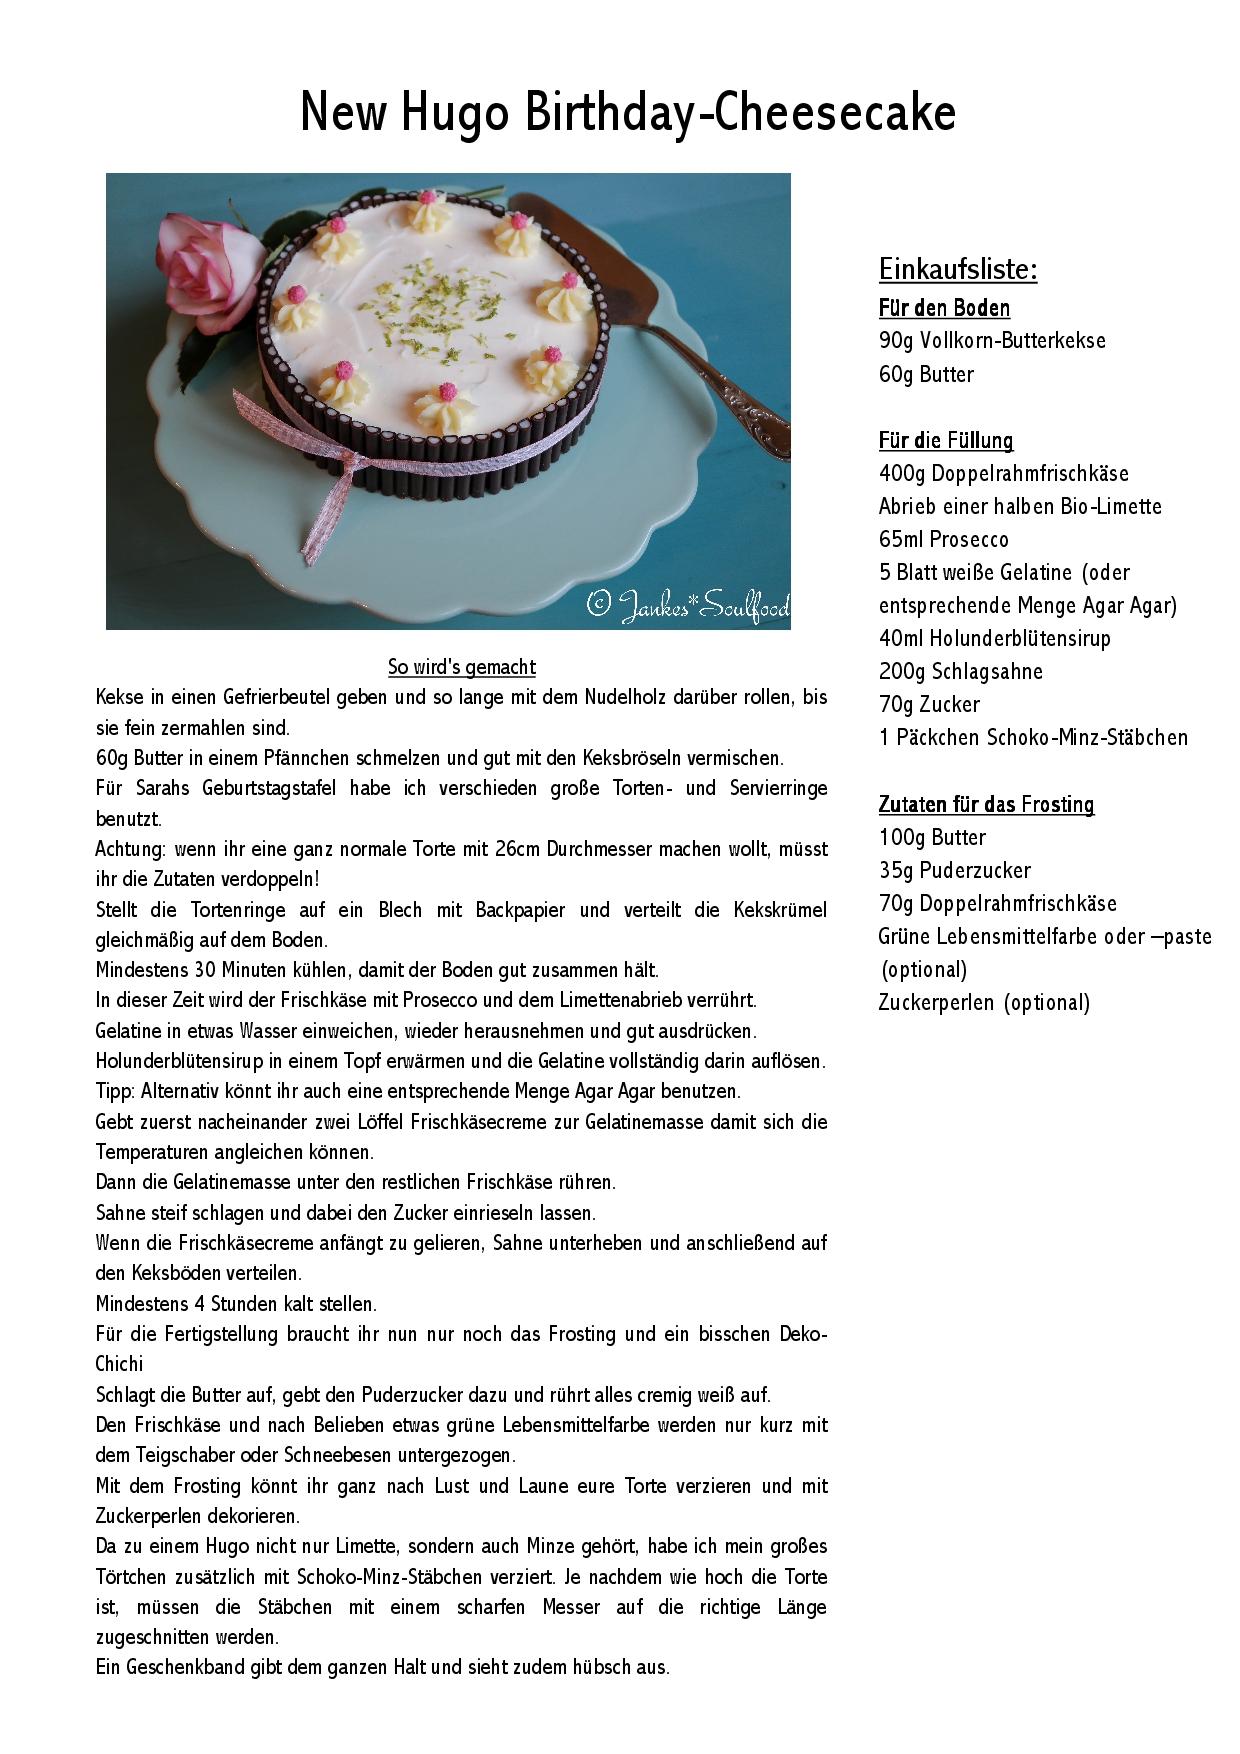 New Hugo Birthday-Cheesecake-001